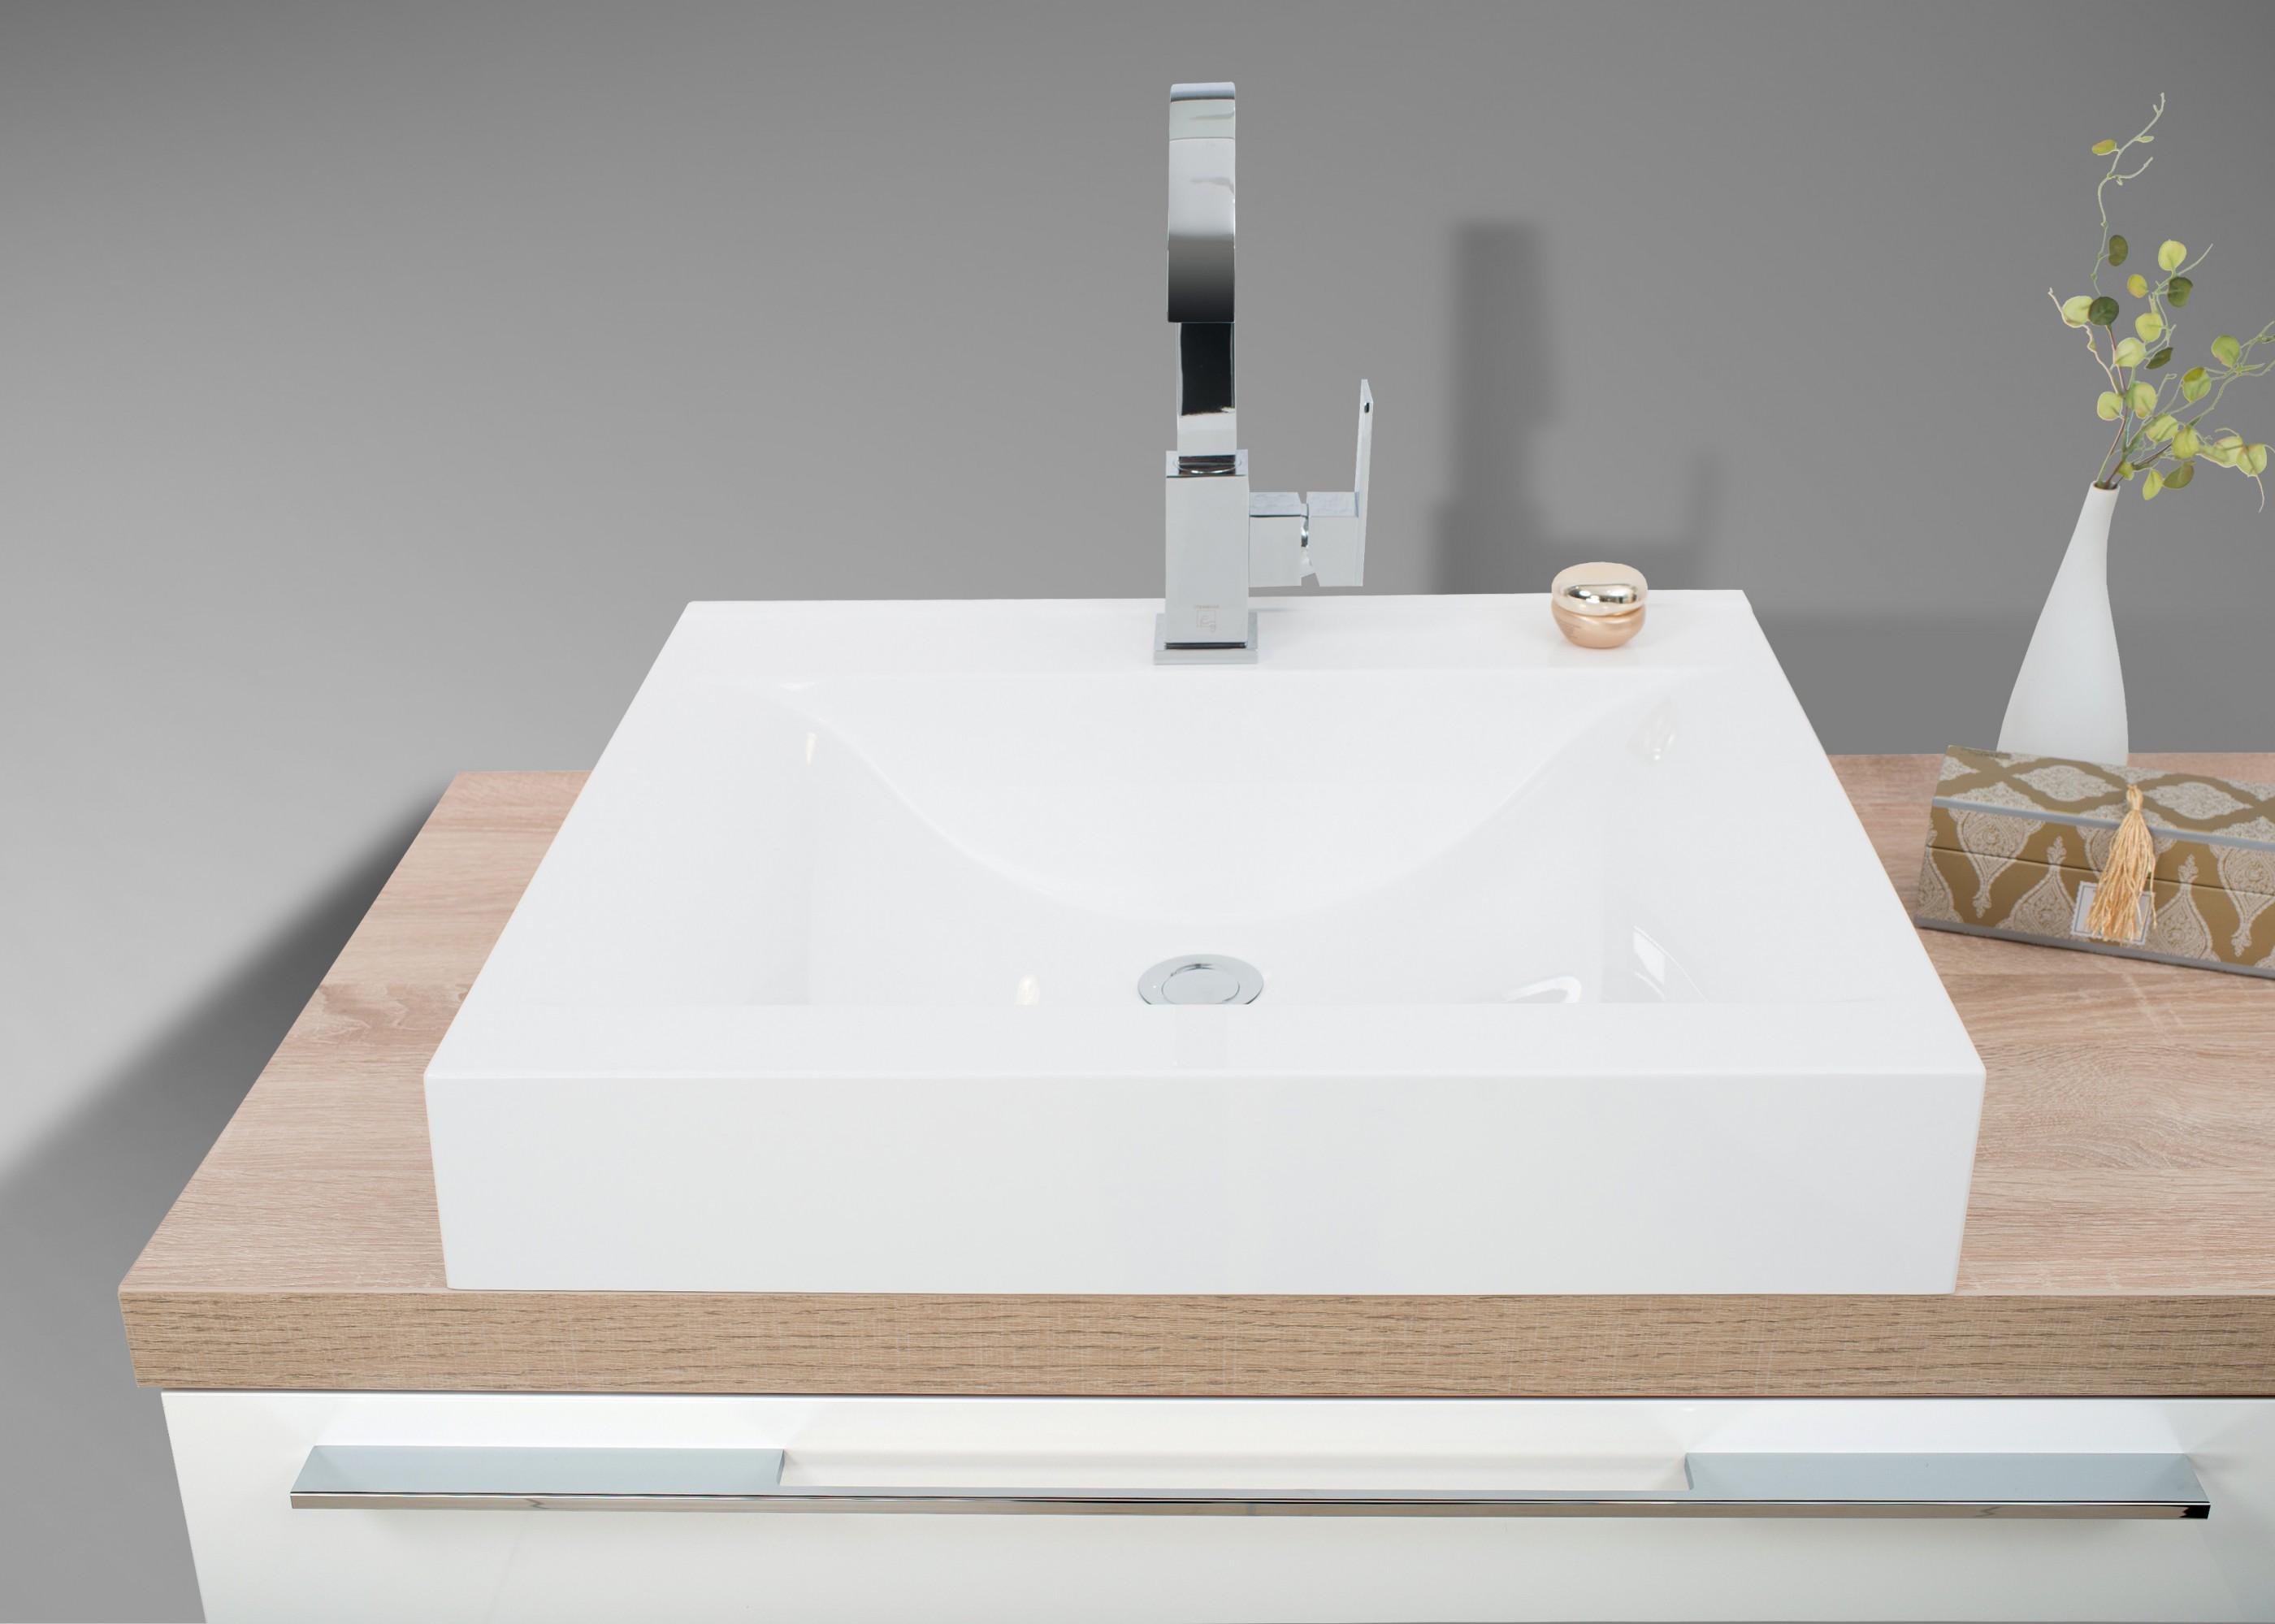 badezimmer set mit led lichtspiegel unterschrank und waschtischplatte nach ma in eiche. Black Bedroom Furniture Sets. Home Design Ideas